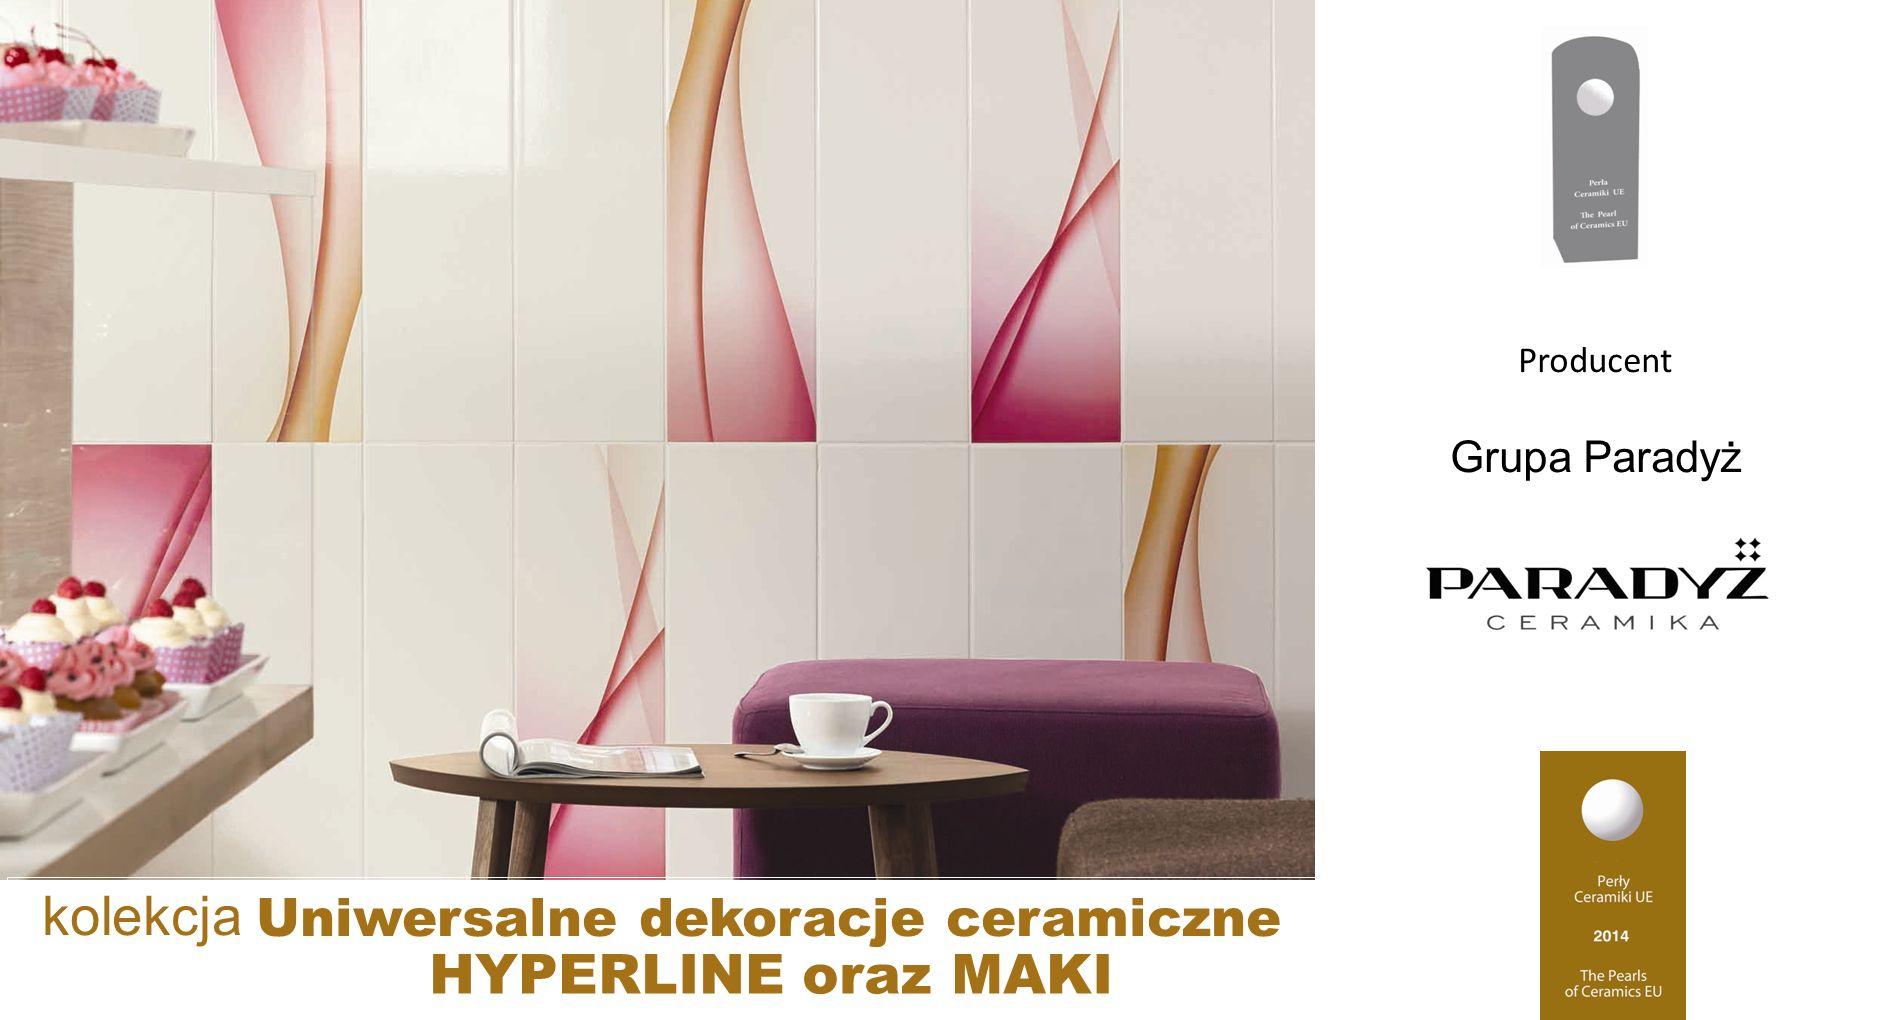 Grupa Paradyż kolekcja Uniwersalne dekoracje ceramiczne Producent HYPERLINE oraz MAKI